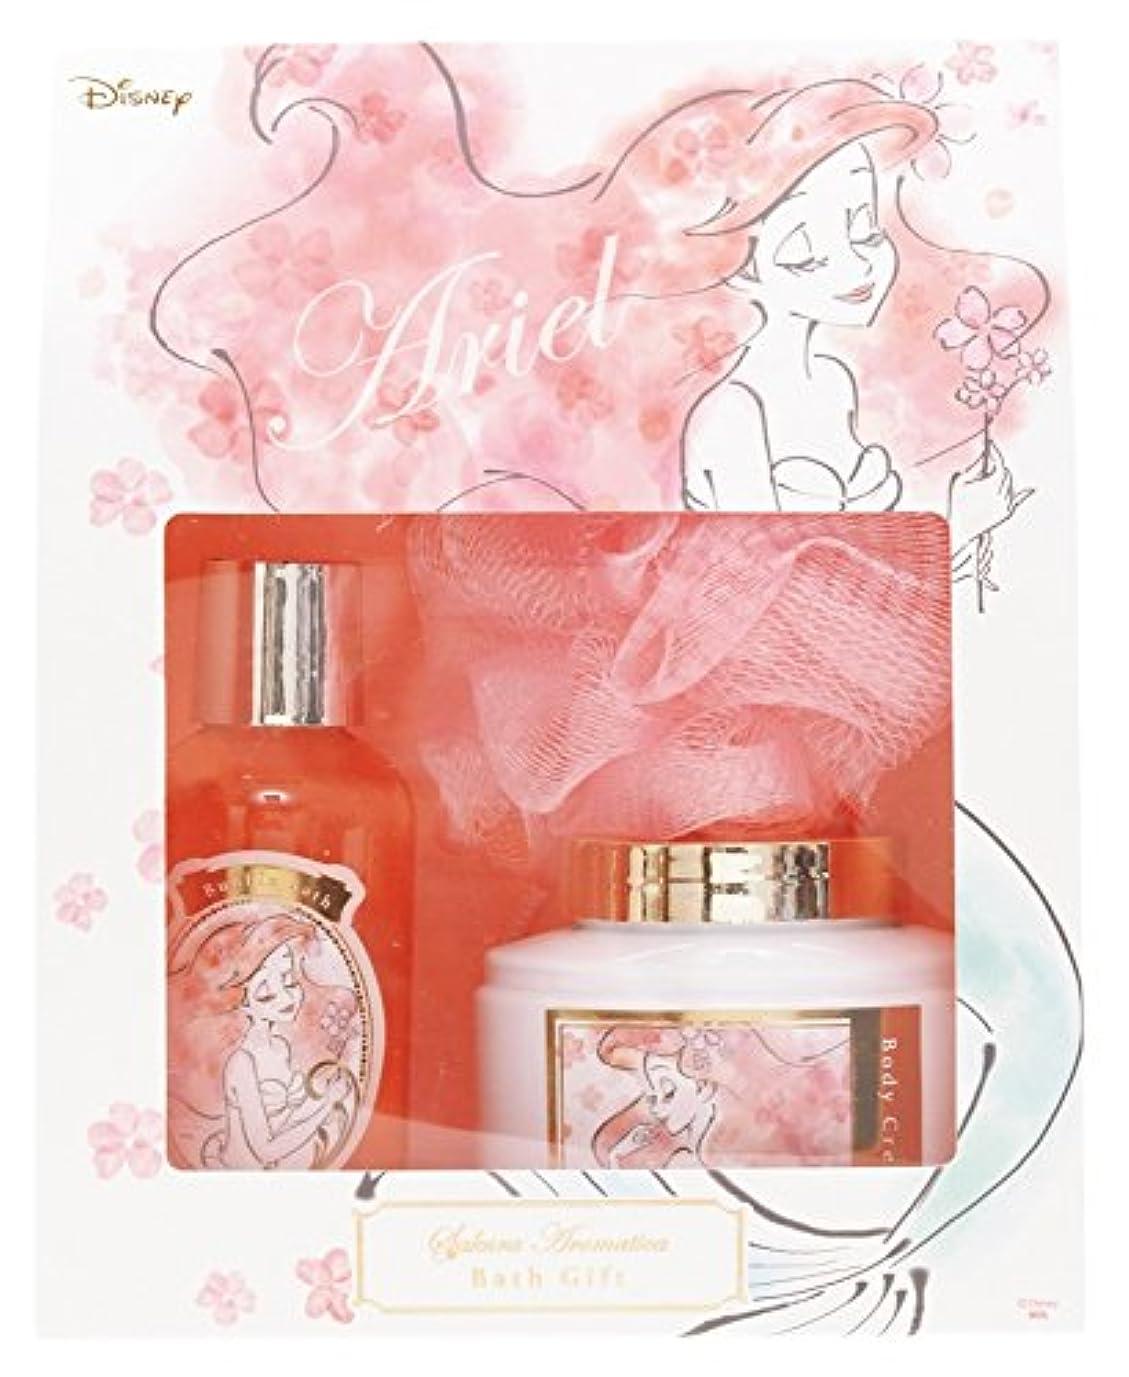 もろいズームインする消毒するディズニー 入浴剤 ギフトセット アリエル サクラアロマティカ サクラノスタルジア の香り DIT-8-01